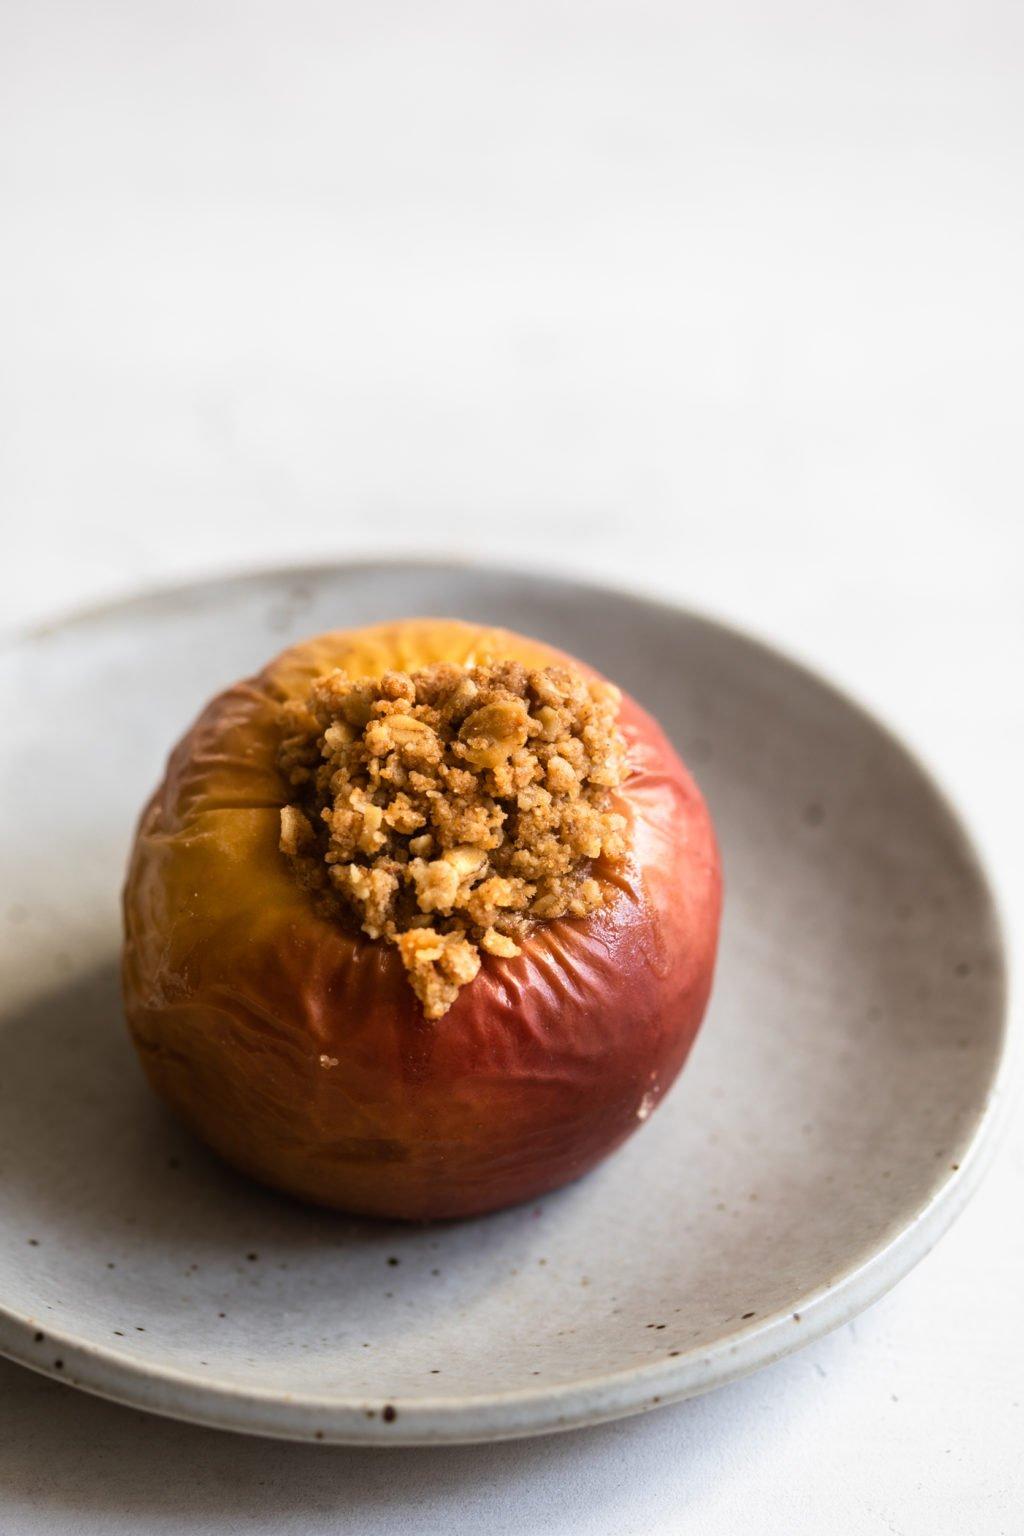 Una sola manzana roja y dorada rellena y horneada descansa sobre un plato de postre de cerámica gris claro.